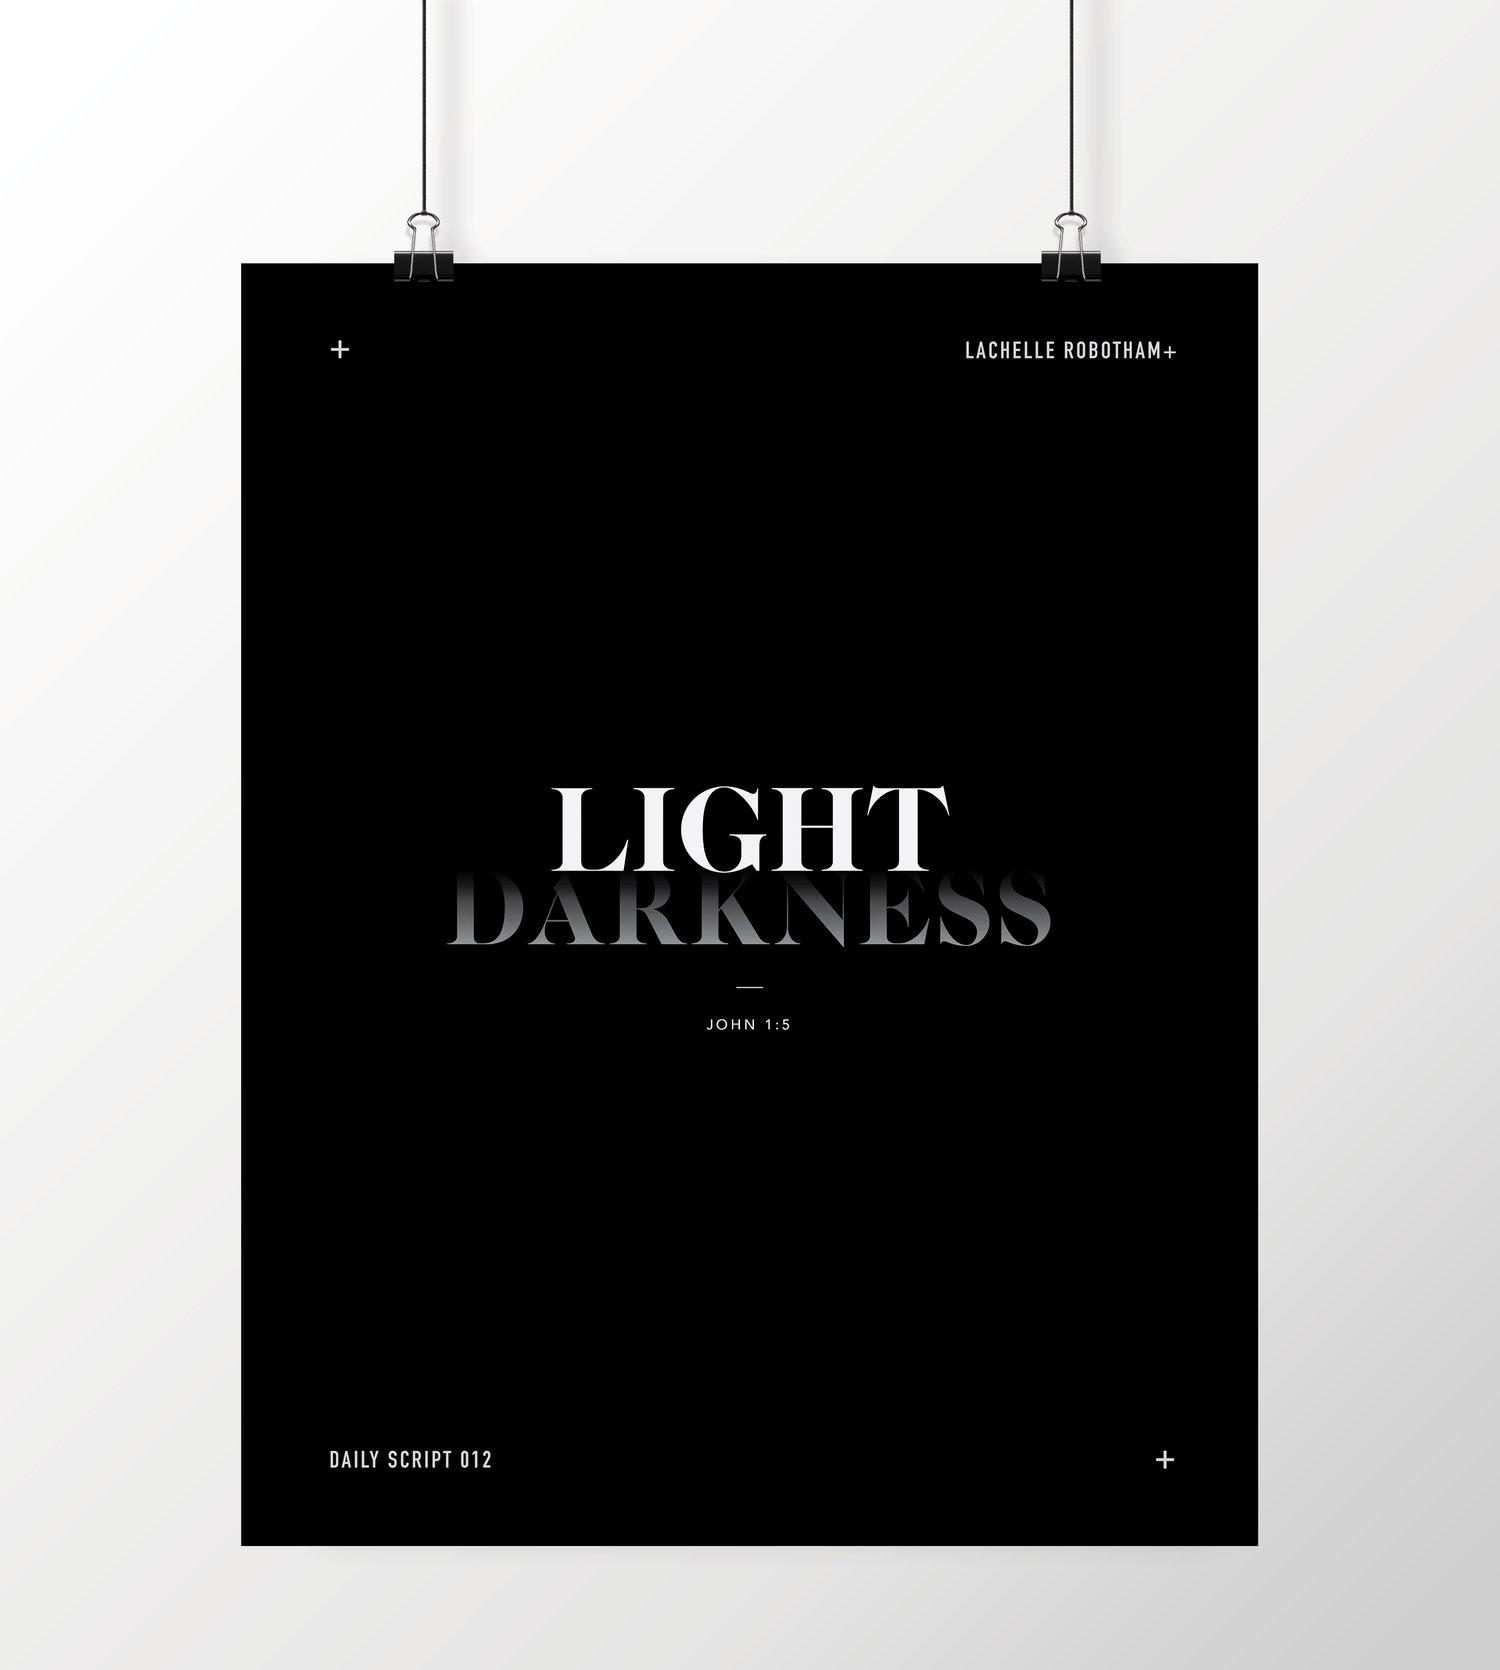 Poster-12.jpg